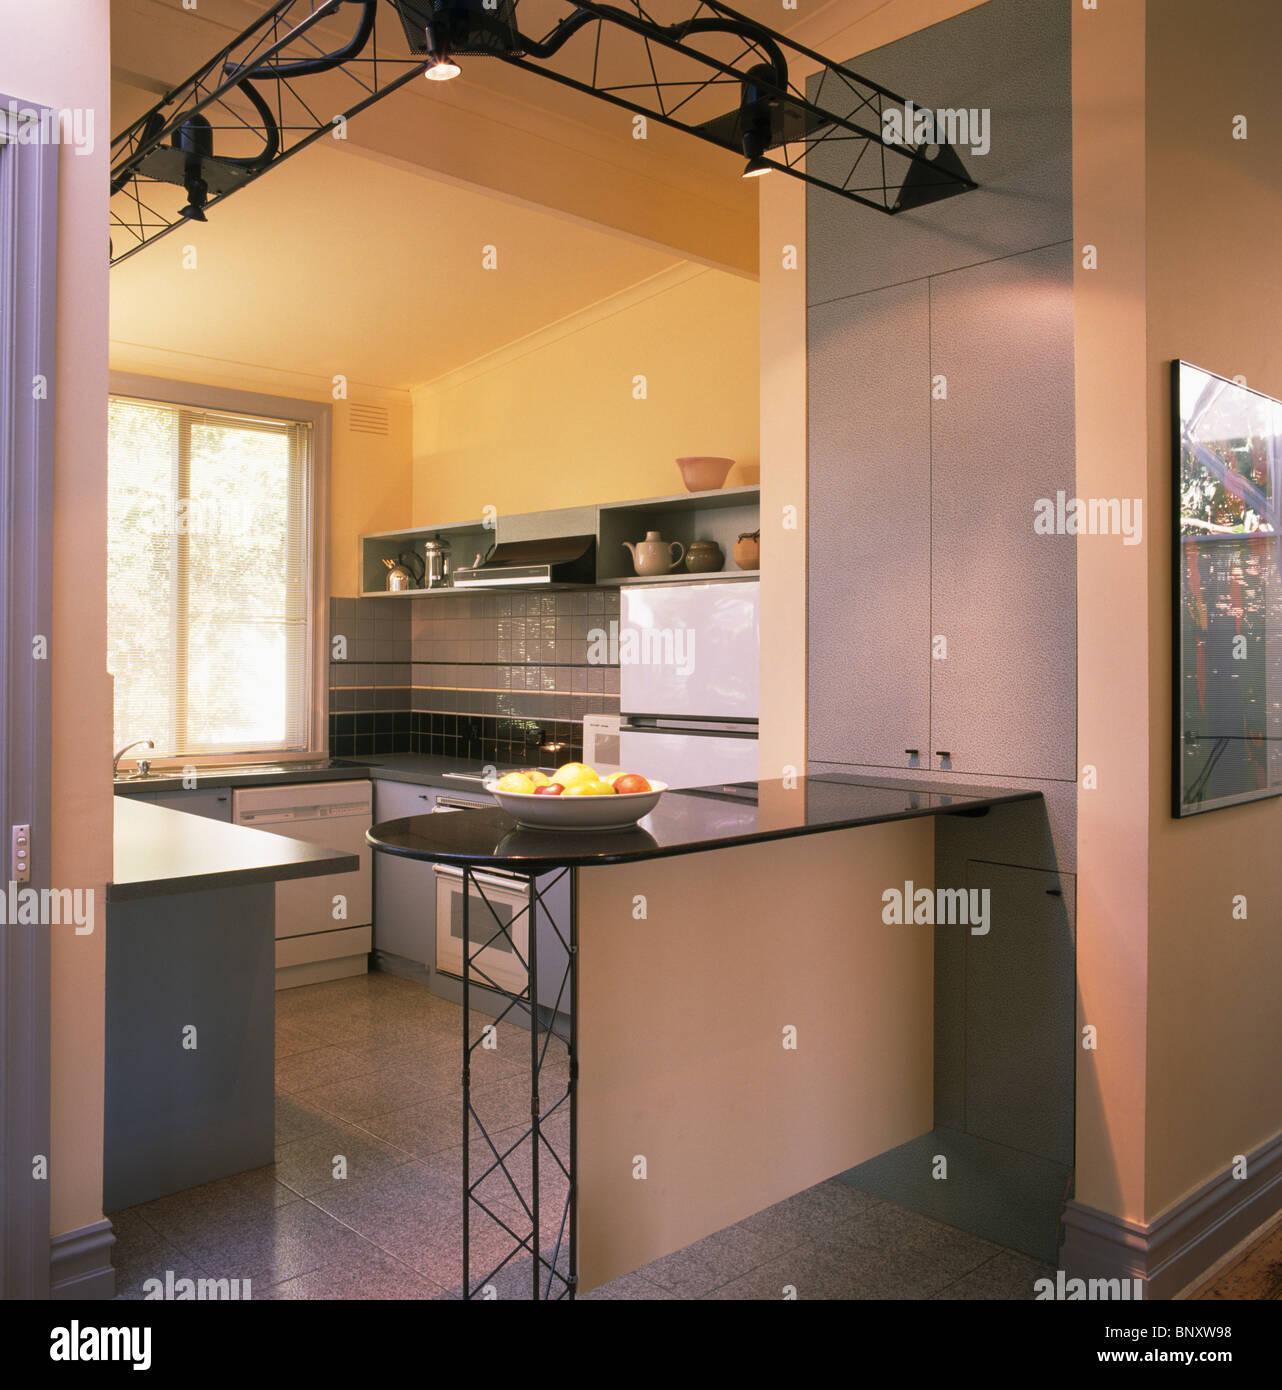 Beleuchtung auf schwarze Metall Decke Weg in moderne Küche mit ...